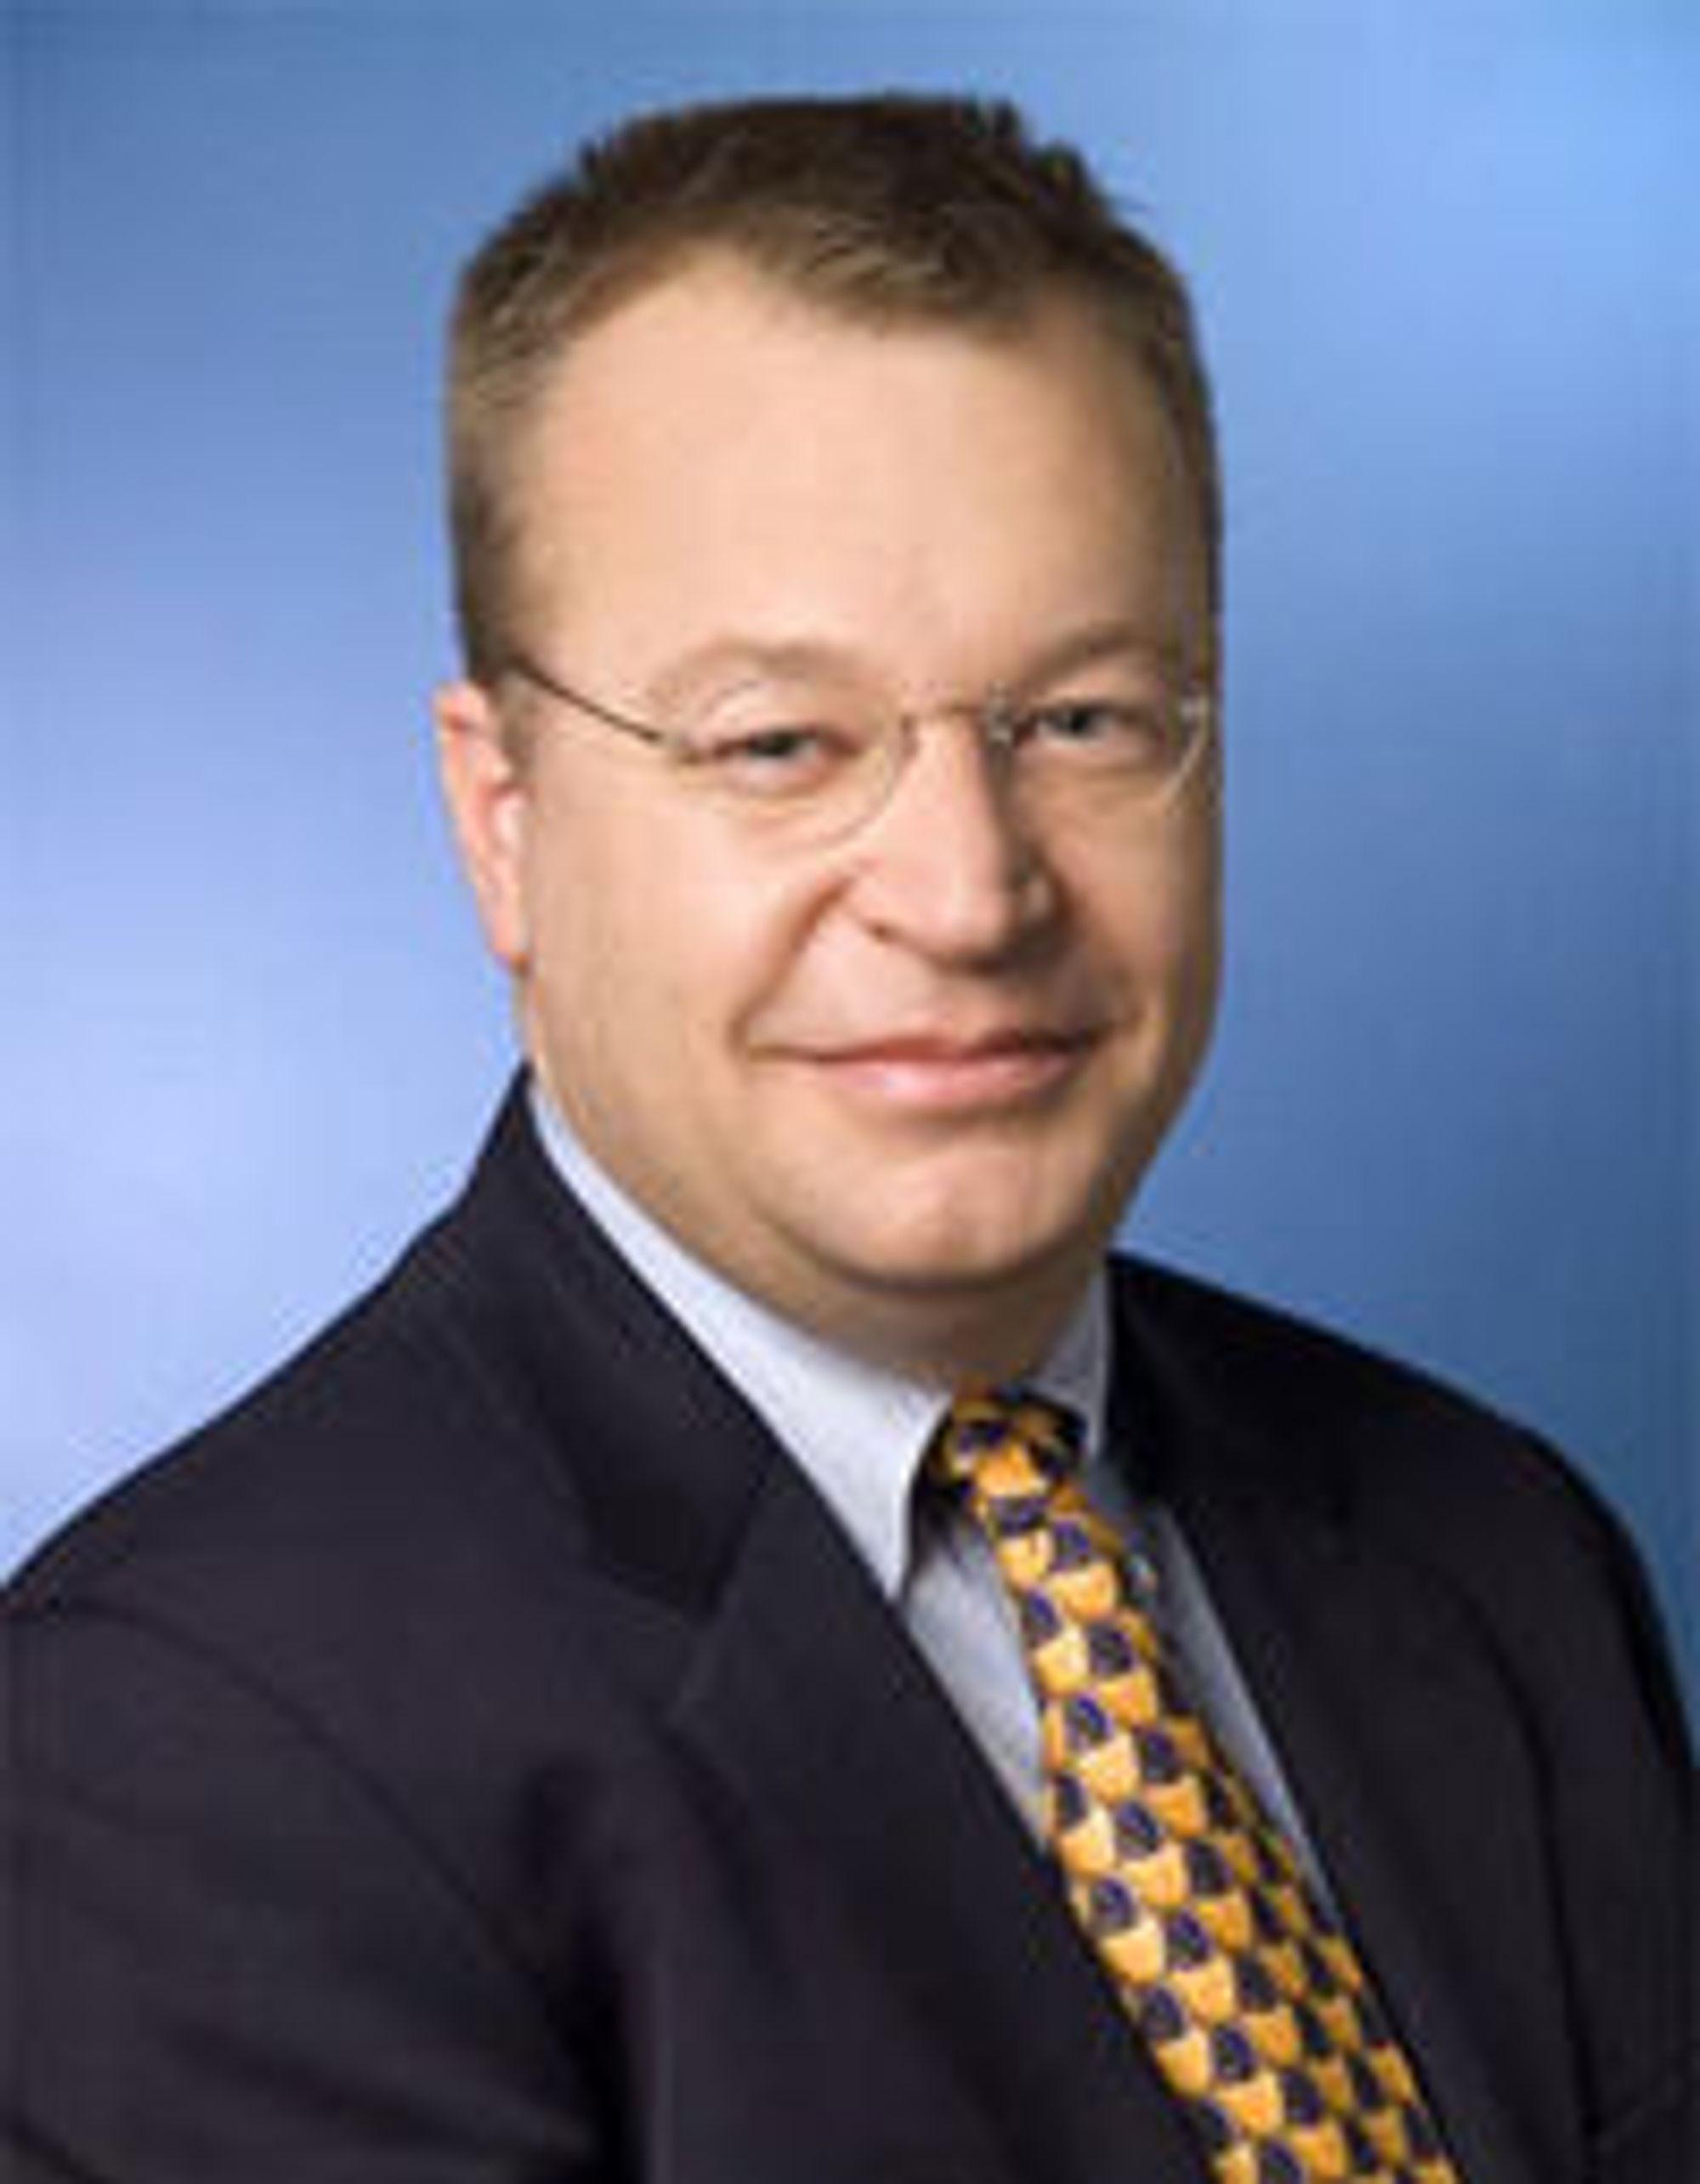 Nokias toppsjef Stephen Elop gjør det klart at døden venter selskapet med mindre de greier å forlate Symbian.